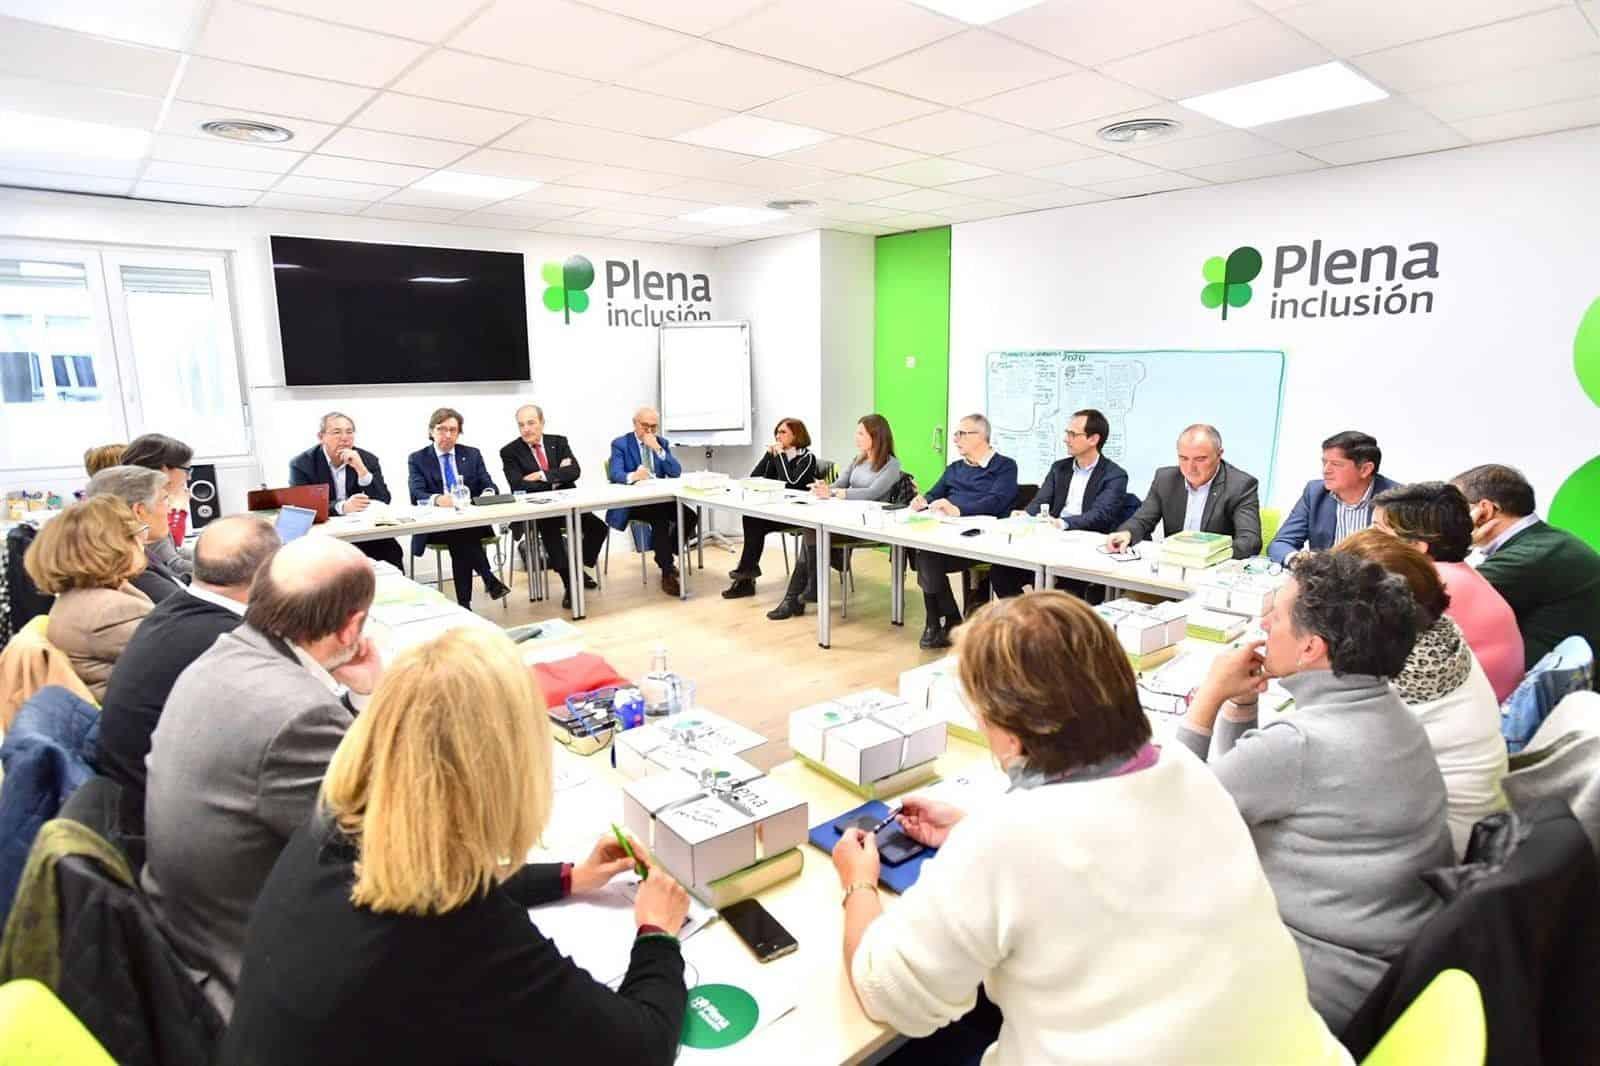 La Junta Directiva de Plena Inclusión España - PLENA INCLUSIÓN ESPAÑA